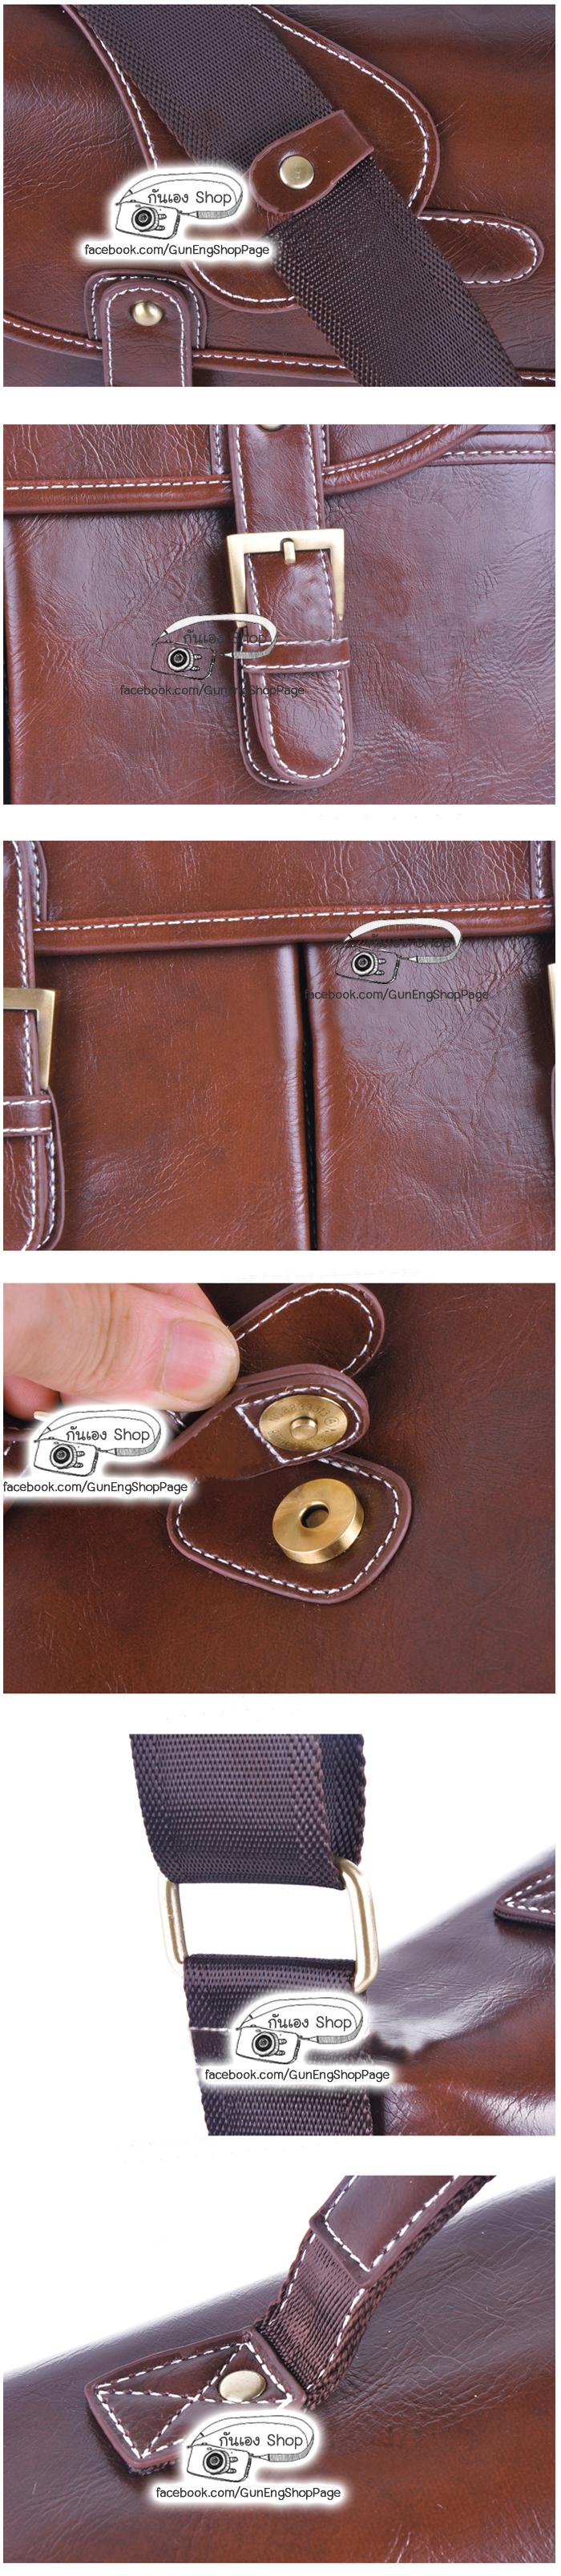 กระเป๋ากล้องหนัง Trendy Dark Brown Leather Bag (M)